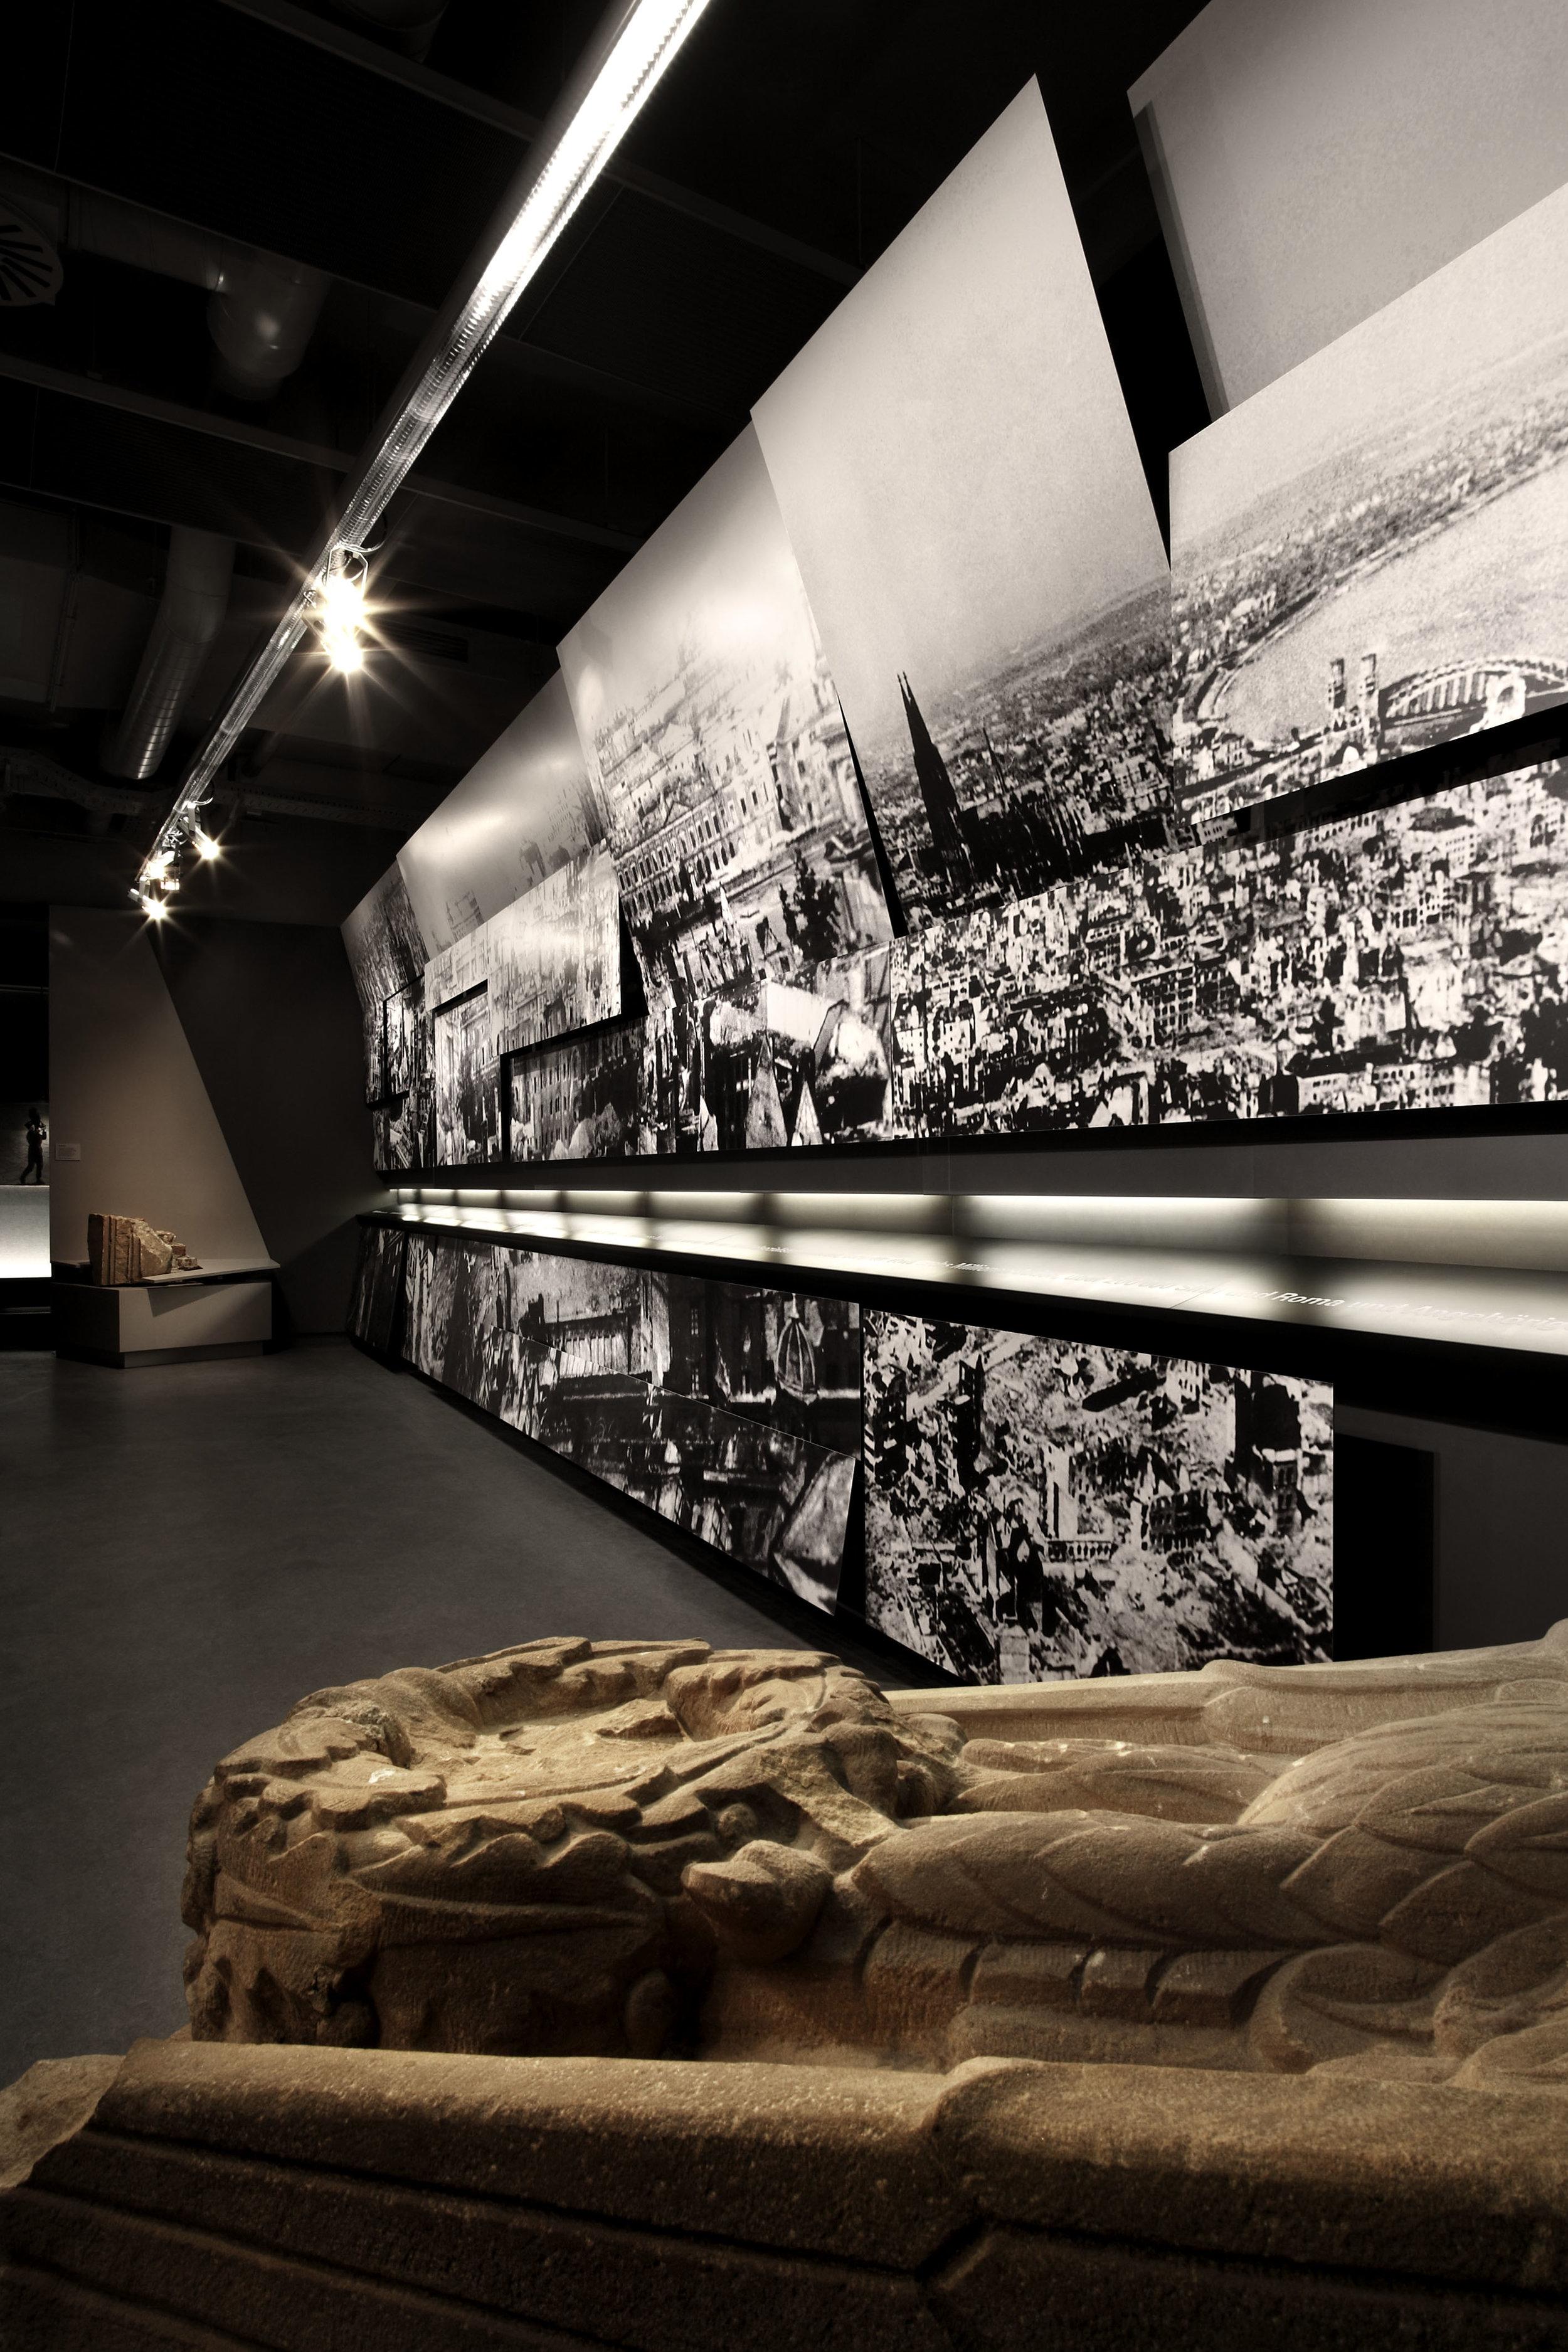 zeitgeschichtliches-forum-leipzig_museum-exhibition-design_coordination-berlin_08.jpg